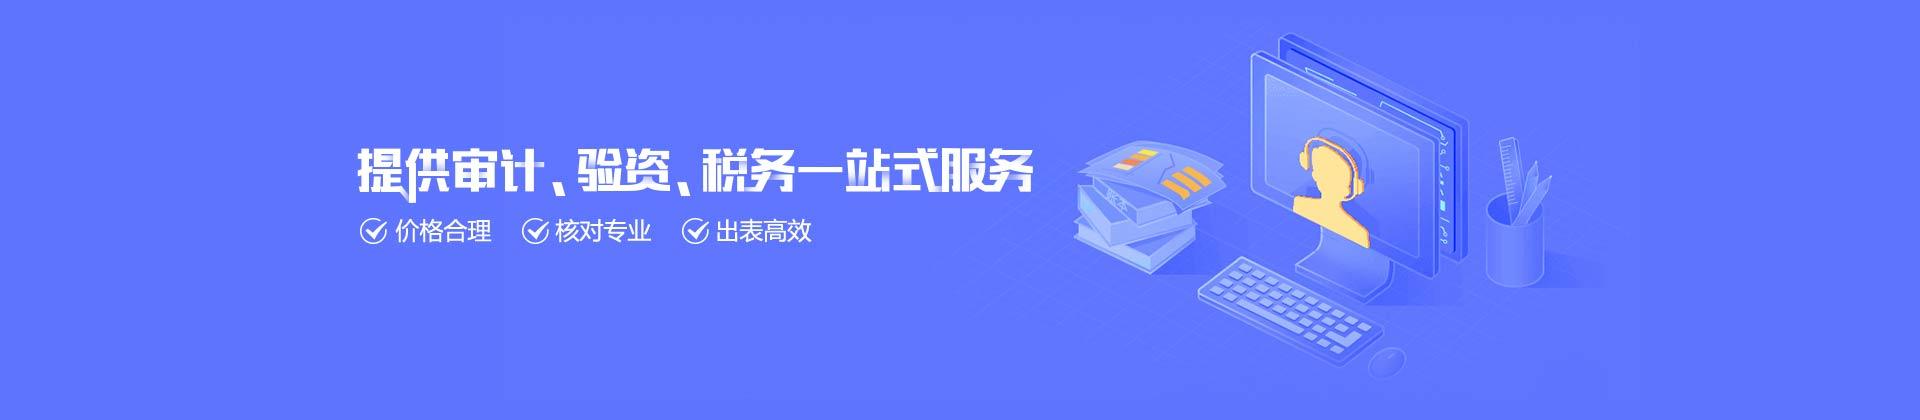 香港公司年审_代办香港公司年检费用_代理香港公司年审资料流程-万事惠香港注册